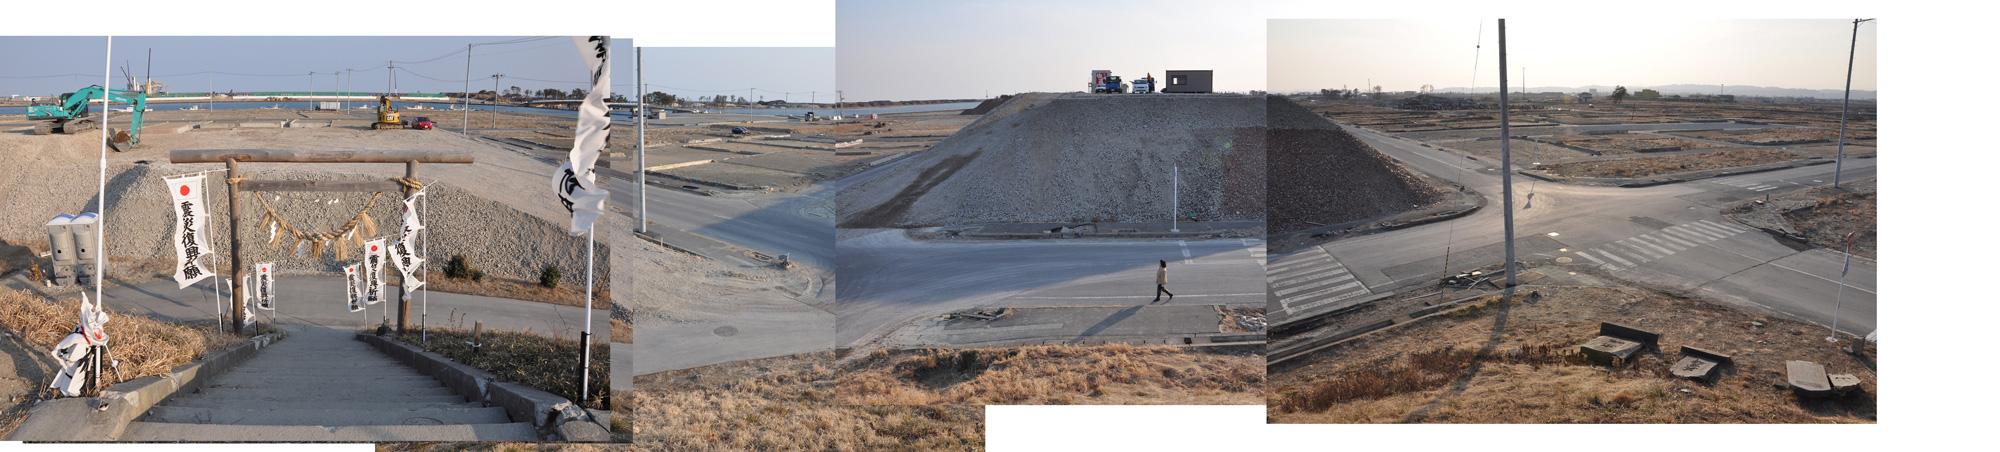 閖上日和山定点観測(東南東-西南西)2012年2月